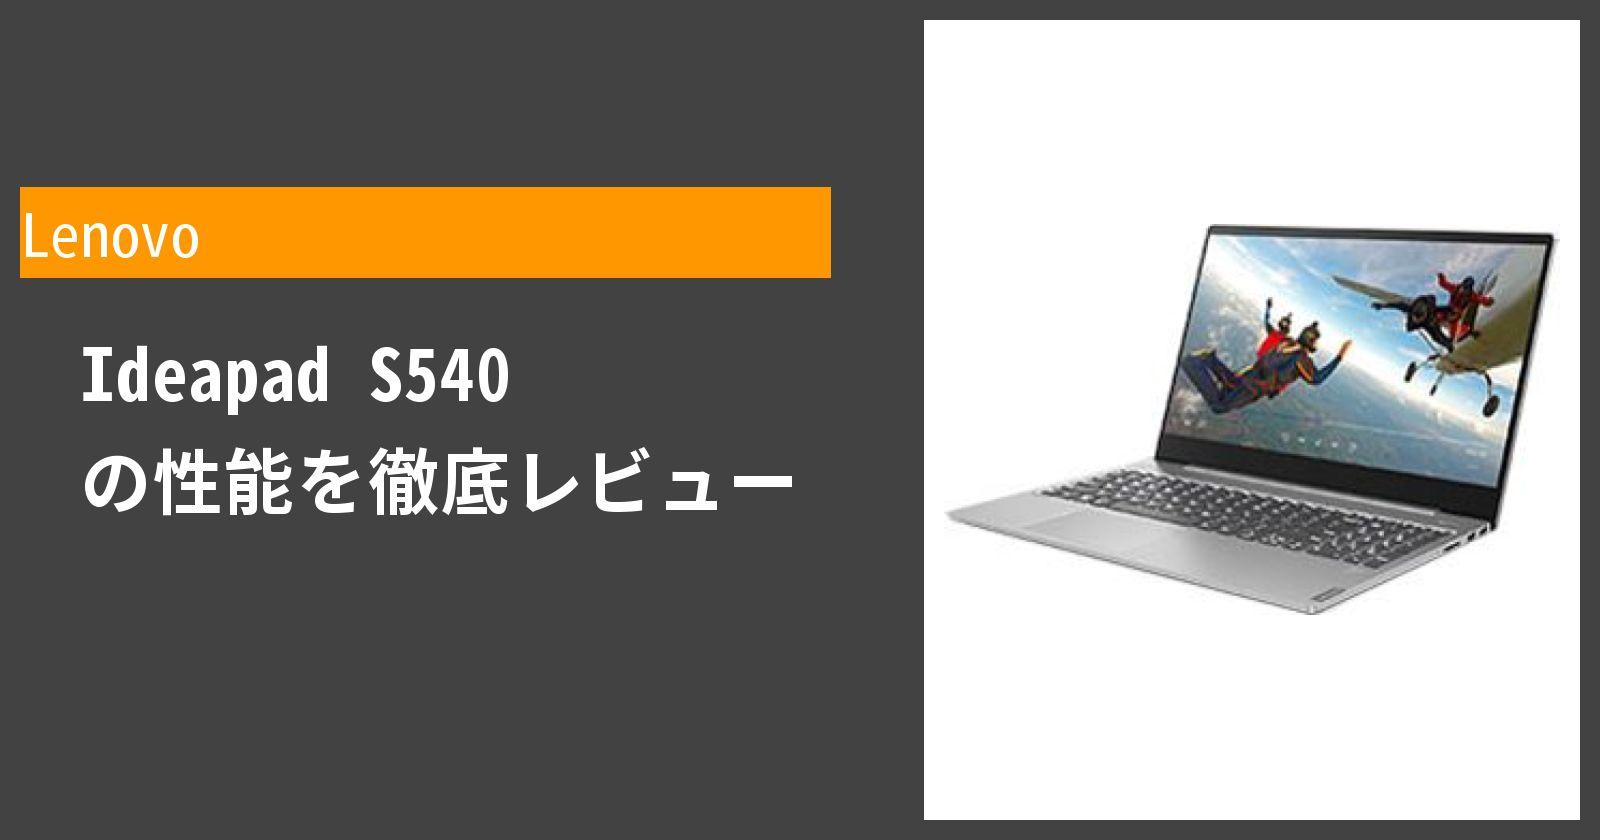 Ideapad S540 の性能を徹底レビュー